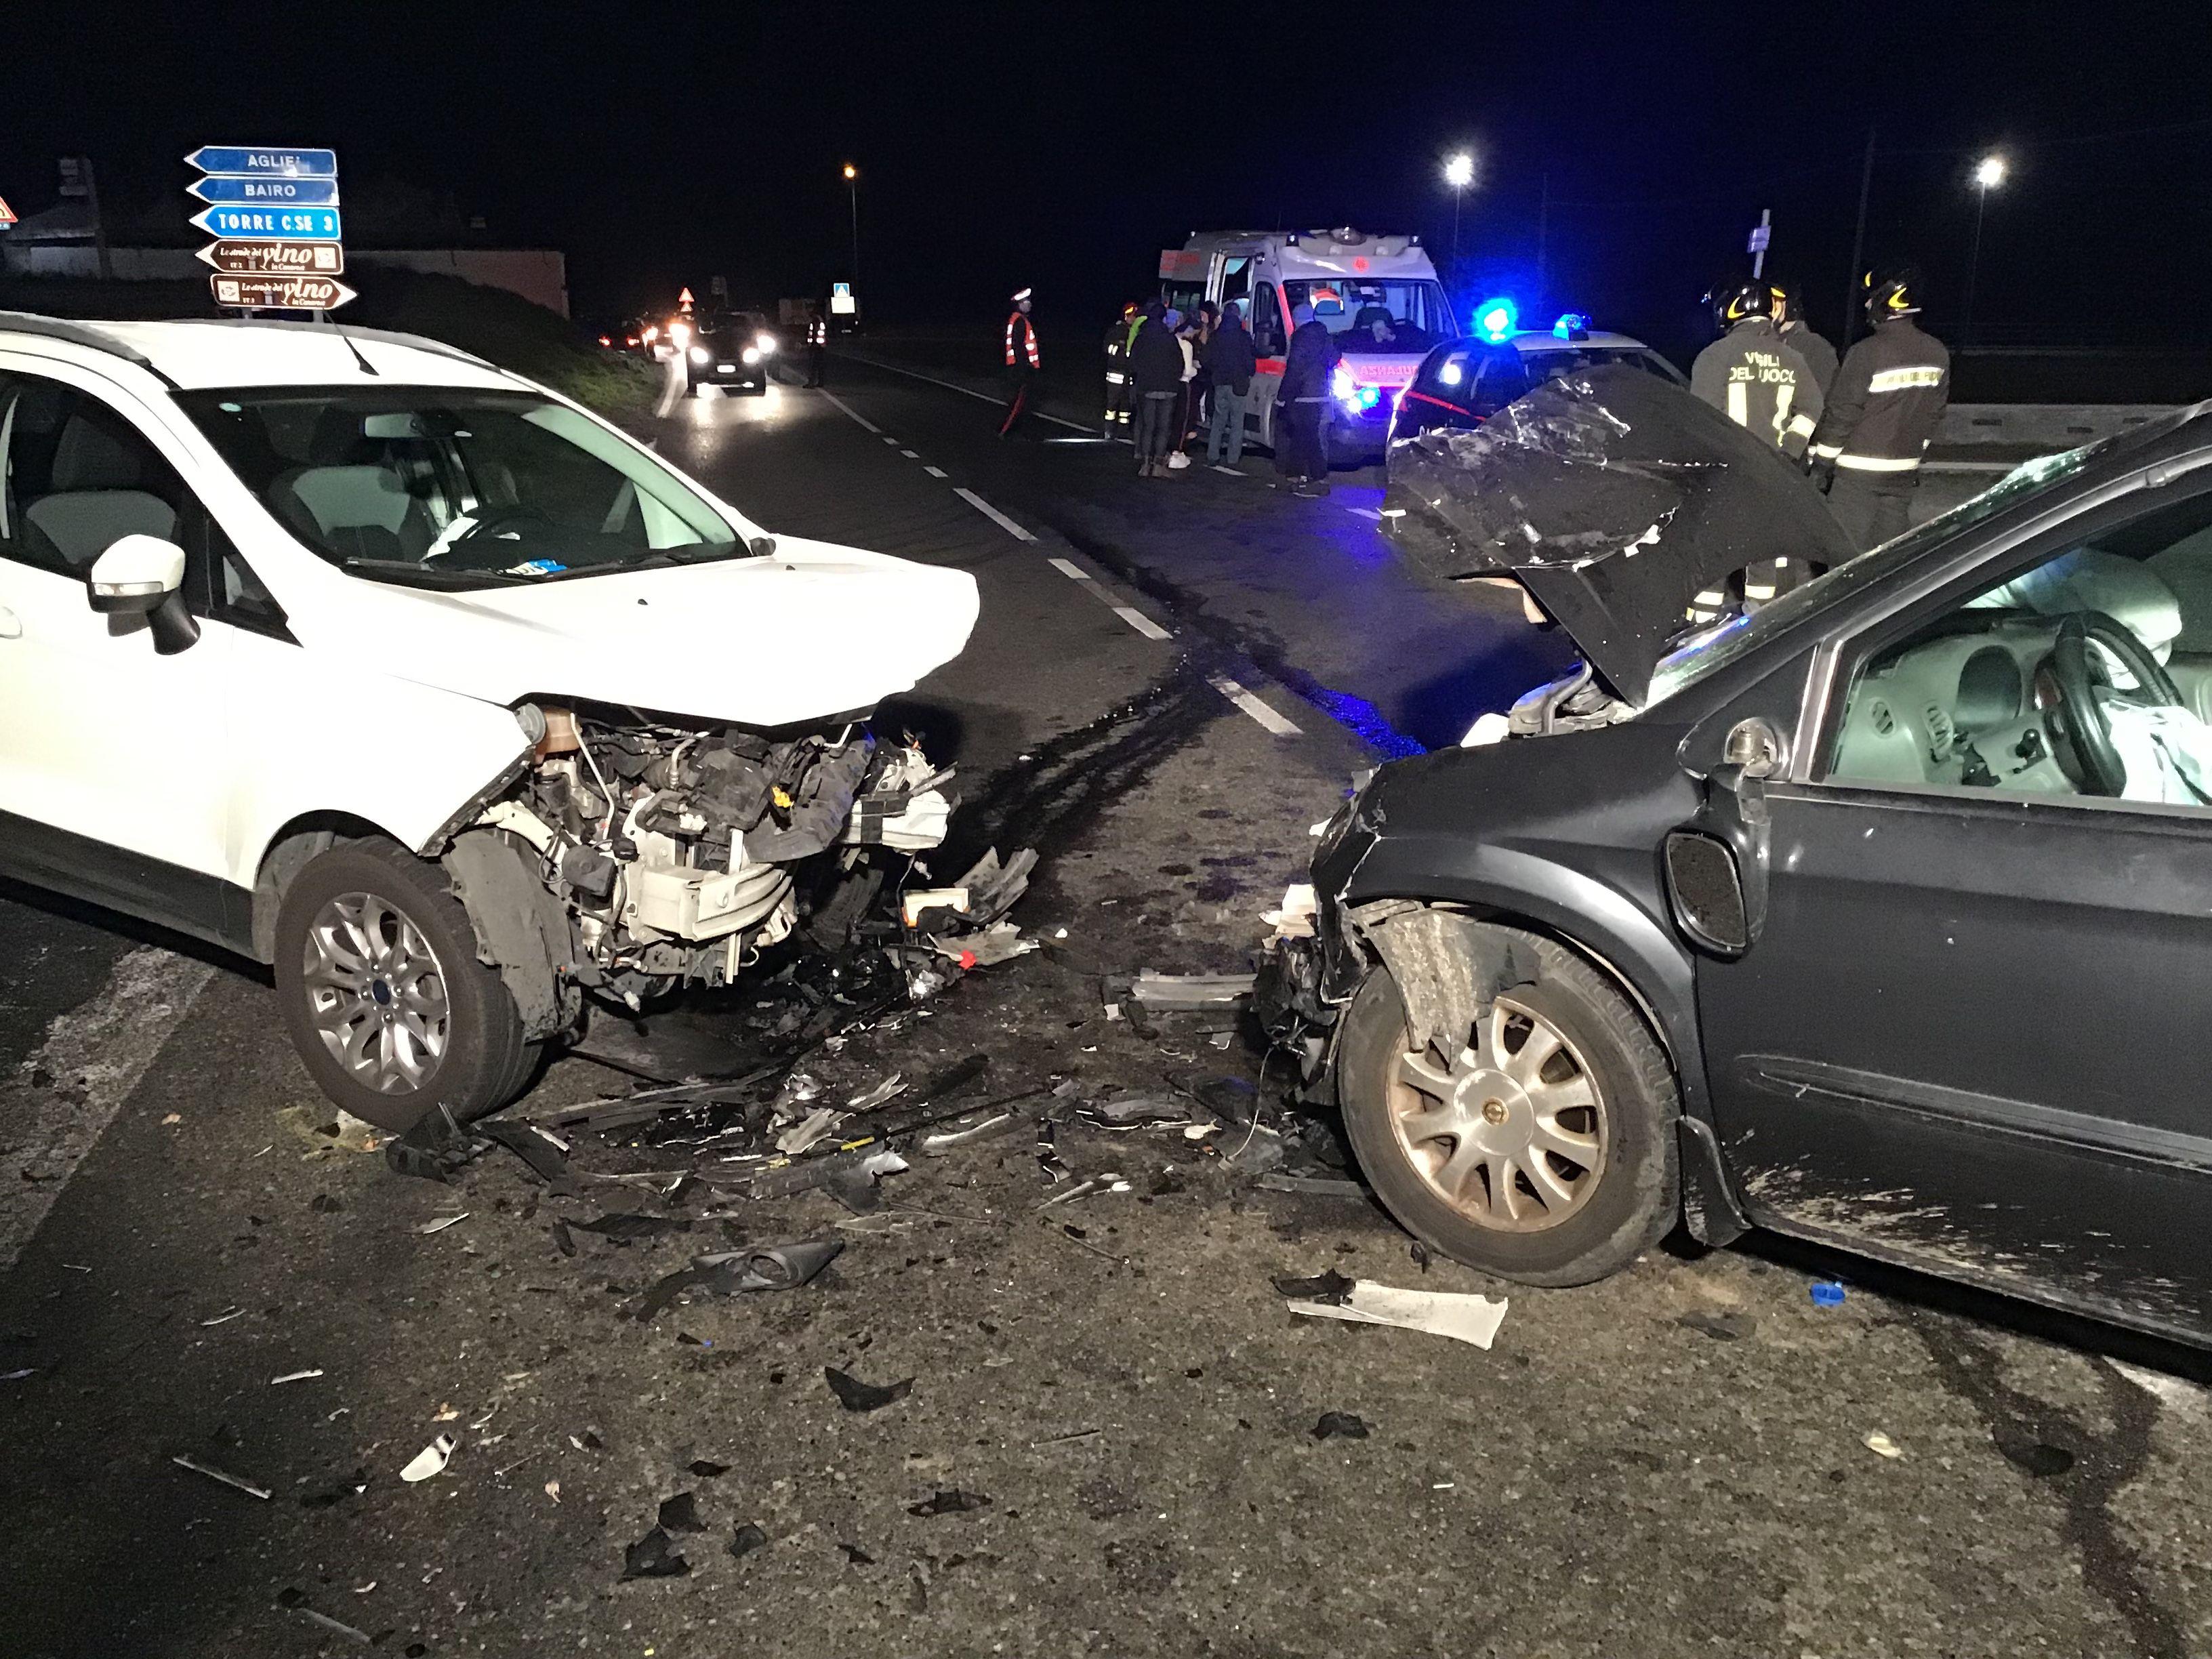 BALDISSERO-CASTELLAMONTE - Un altro incidente stradale sulla provinciale - FOTO E VIDEO